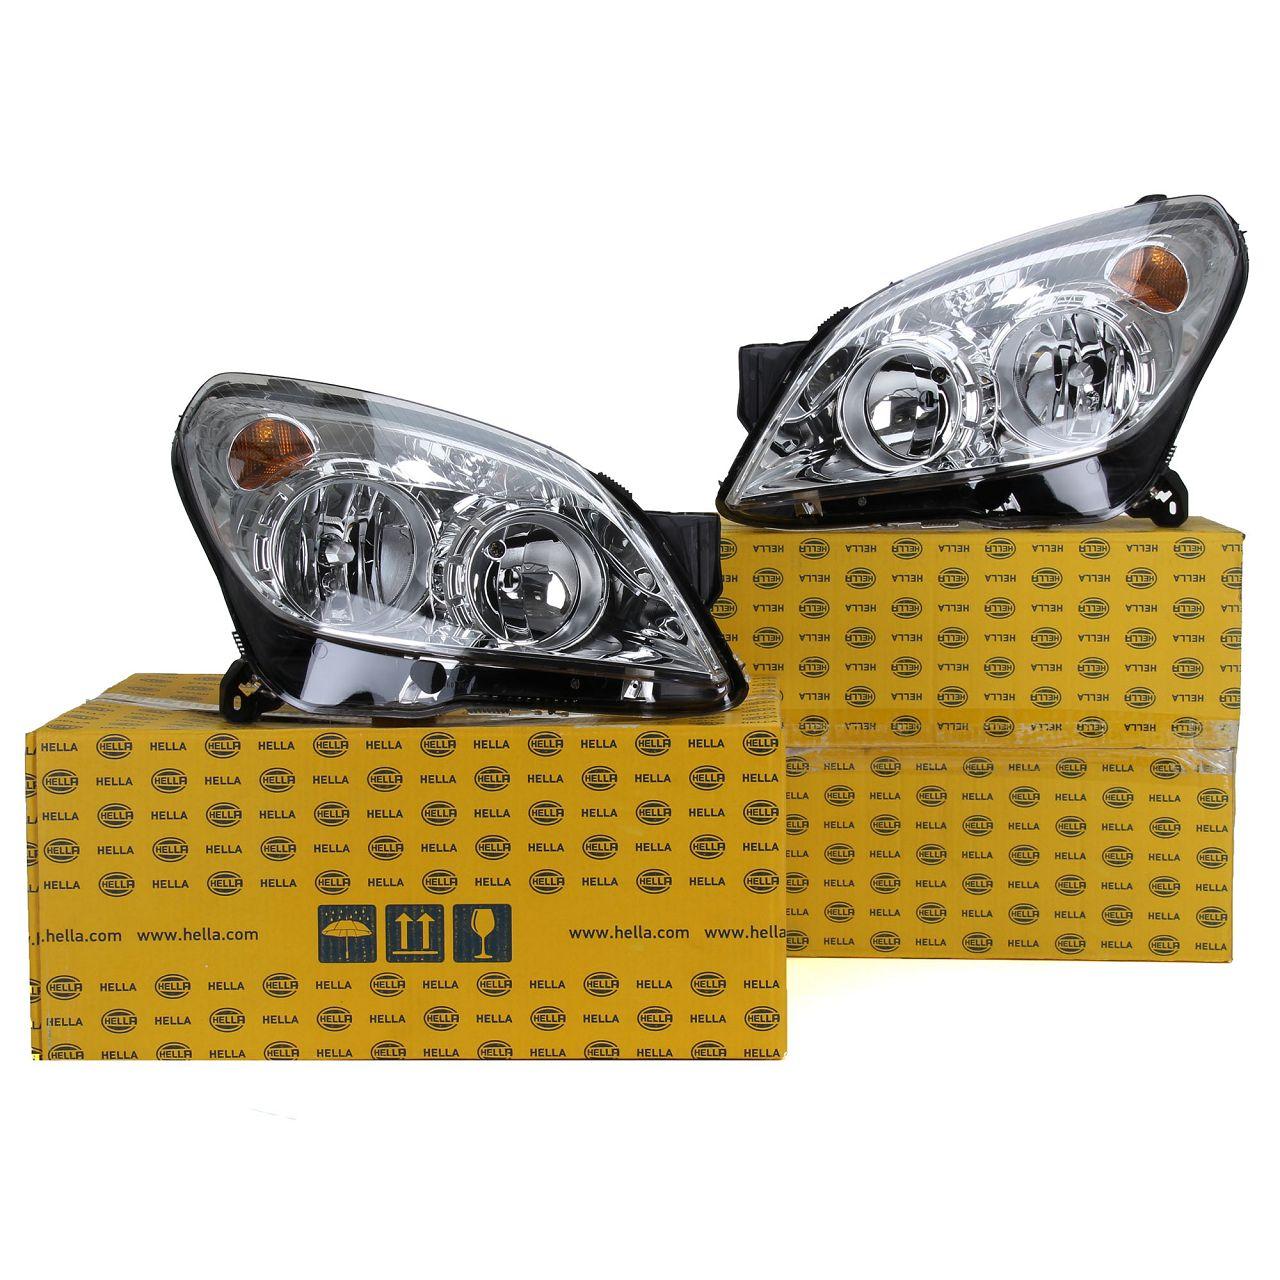 2x HELLA Scheinwerfer + Stellmotor HALOGEN für OPEL ASTRA H links + rechts